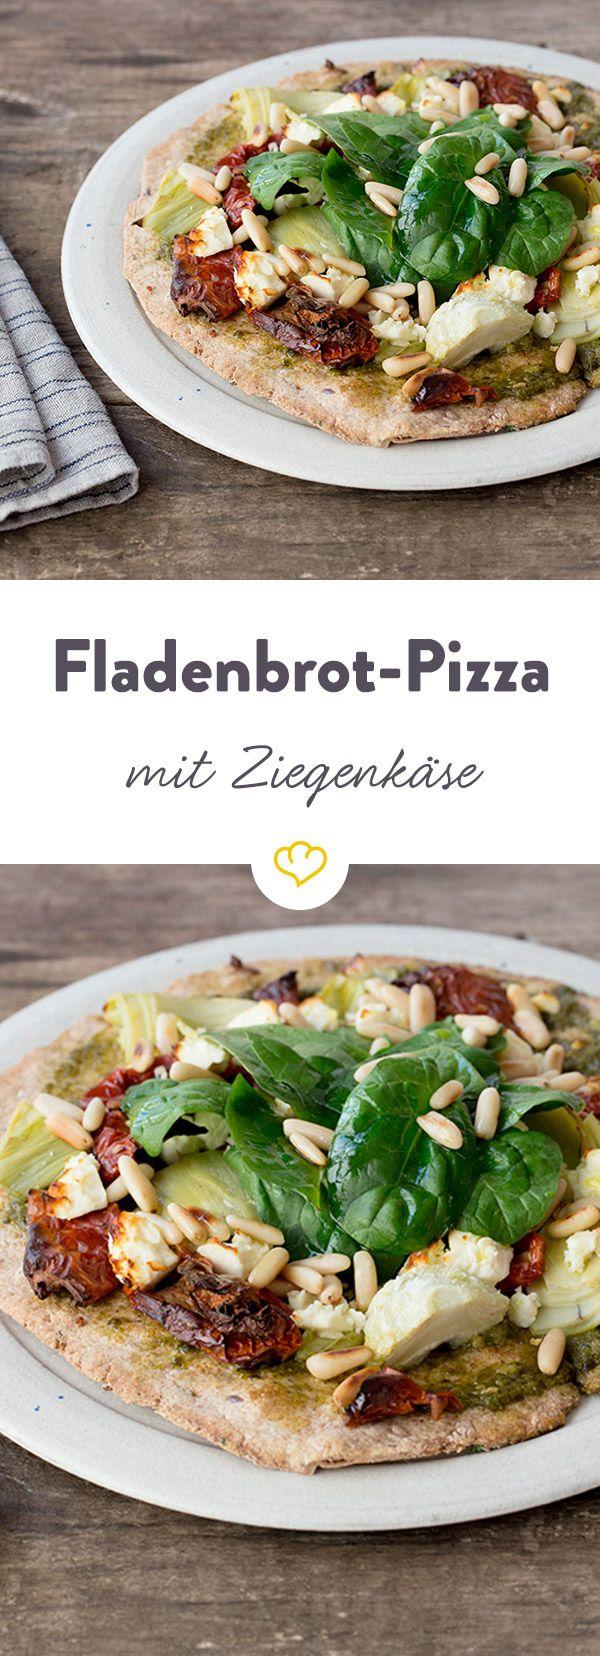 Das als Pizza getarnte Fladenbrot schmeckt fast wie vom Italiener und ist eine gute Wahl für alle, die gerade keine Zeit haben, eigenen Pizzateig zu kneten.